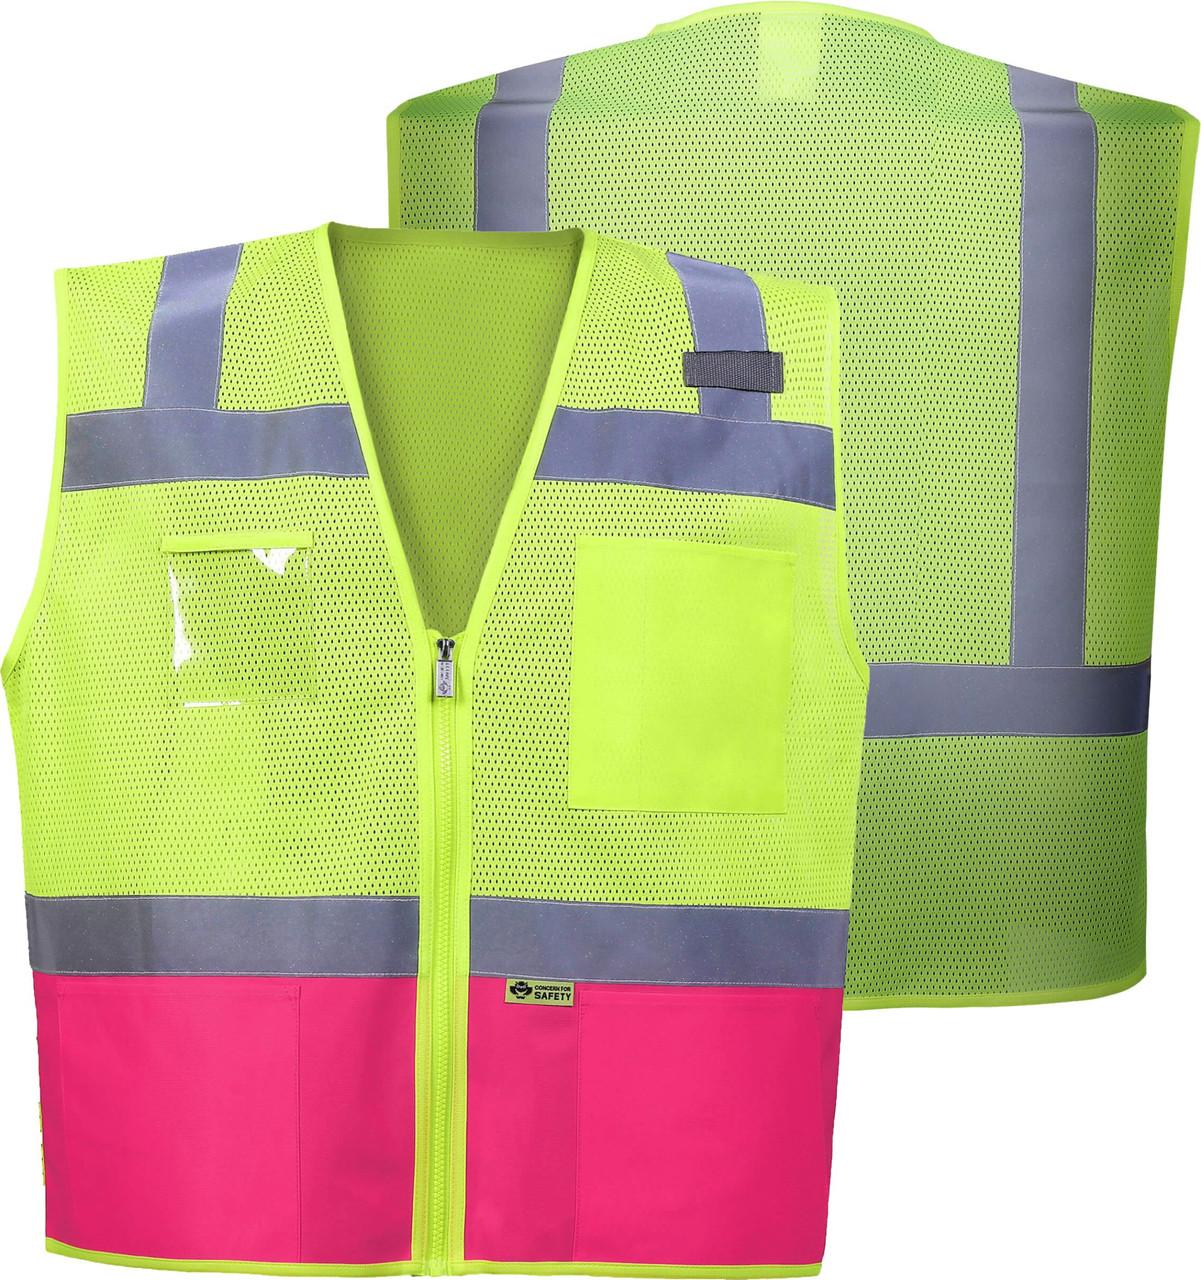 Pink Safety Vest Class 2 | ANSI Class 2 Pink Bottom 2 Tone Contrast Safety Vest | Women's Safety Vest